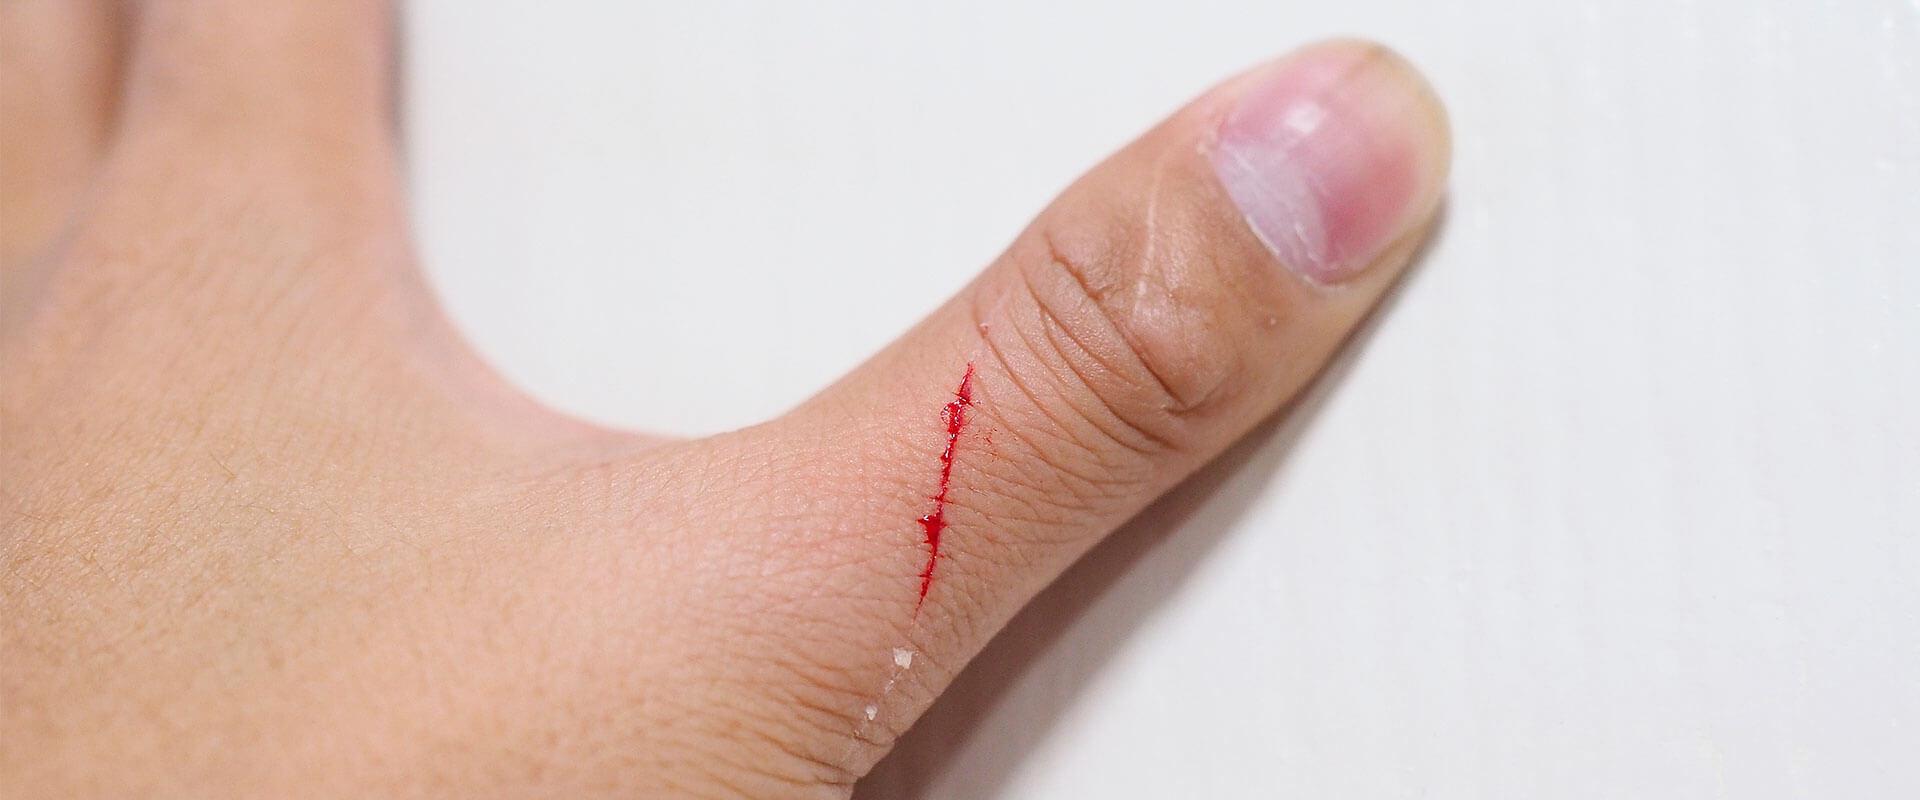 Qué tipo de herida tienes, ¿leve o crónica?